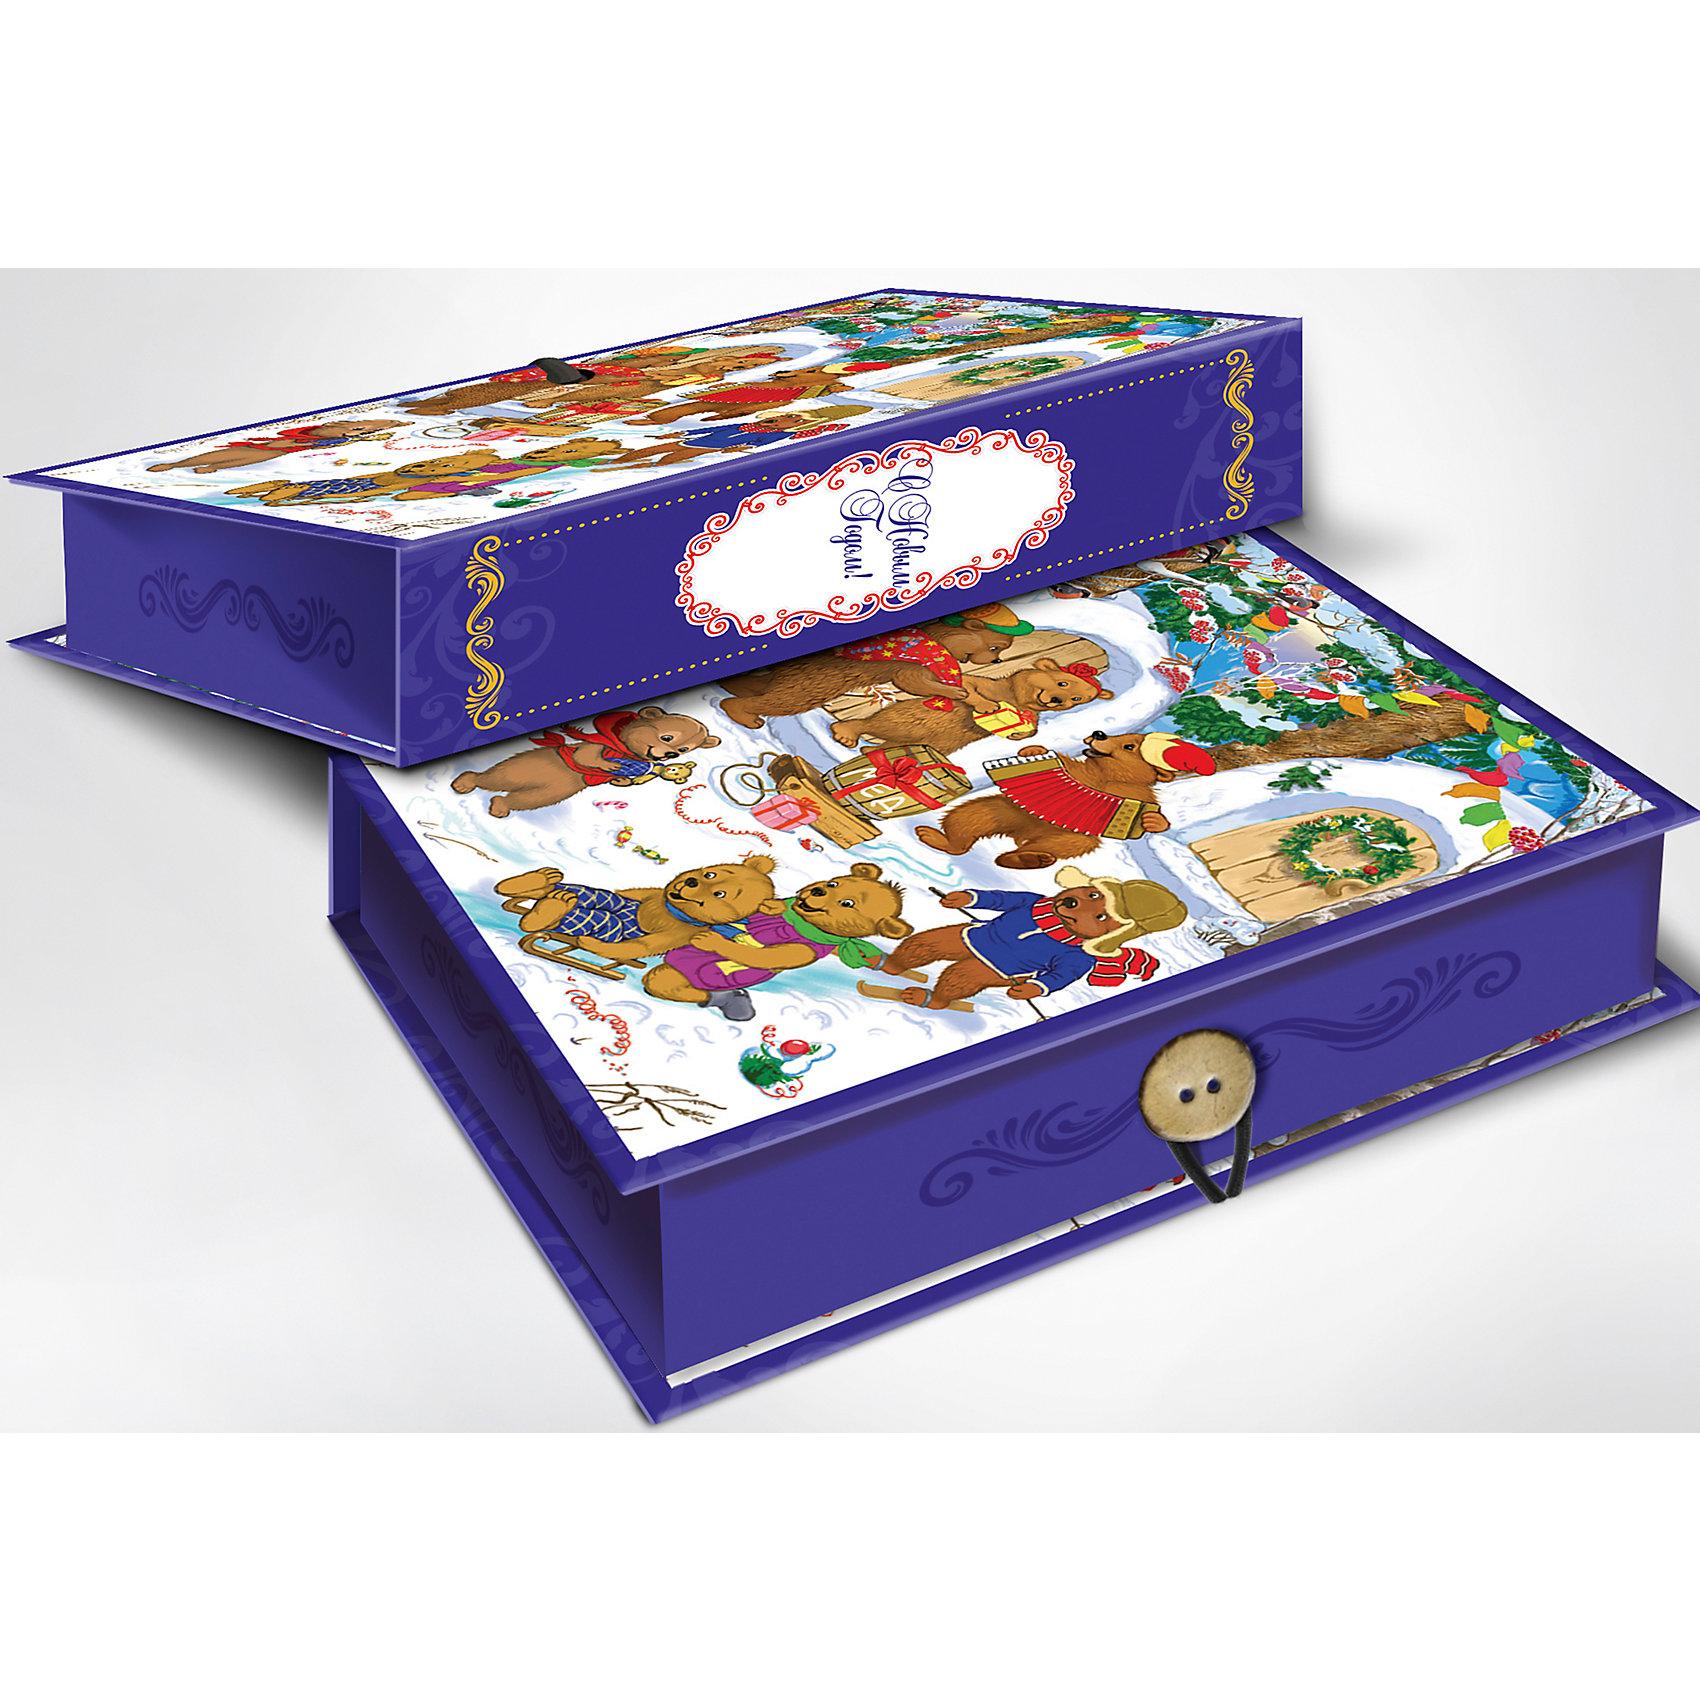 Подарочная коробка Медвежата 20*14*6 смВсё для праздника<br>Подарочная коробка Медвежата 20 * 14 * 6 см - впустите атмосферу зимы и праздников в ваш дом! С этой подарочной коробкой так весело наряжать подарки и радовать близких. Картонная коробка выглядит как книга и имеет яркую обложку с цветными рисунками озорных мишек, наслаждающимися зимними праздниками. На корешке изображена ажурная надпись «С Новым Годом», обрамленная овалом с орнаментами. Коробка закрывается на небольшой эластичный шнурок и пуговичку. Устройте сюрприз вашим близким!<br>Дополнительная информация:<br><br>- Размер: 20 * 14 * 6 см.<br>- Материал: картон плотностью 1100 г/м2<br>Подарочную коробку Медвежата 20 * 14 * 6 см можно купить в нашем интернет-магазине.<br>Подробнее:<br>• Для детей в возрасте: от 3 лет<br>• Номер товара: 4981489<br>Страна производитель: Китай<br><br>Ширина мм: 200<br>Глубина мм: 140<br>Высота мм: 60<br>Вес г: 330<br>Возраст от месяцев: 36<br>Возраст до месяцев: 2147483647<br>Пол: Унисекс<br>Возраст: Детский<br>SKU: 4981489